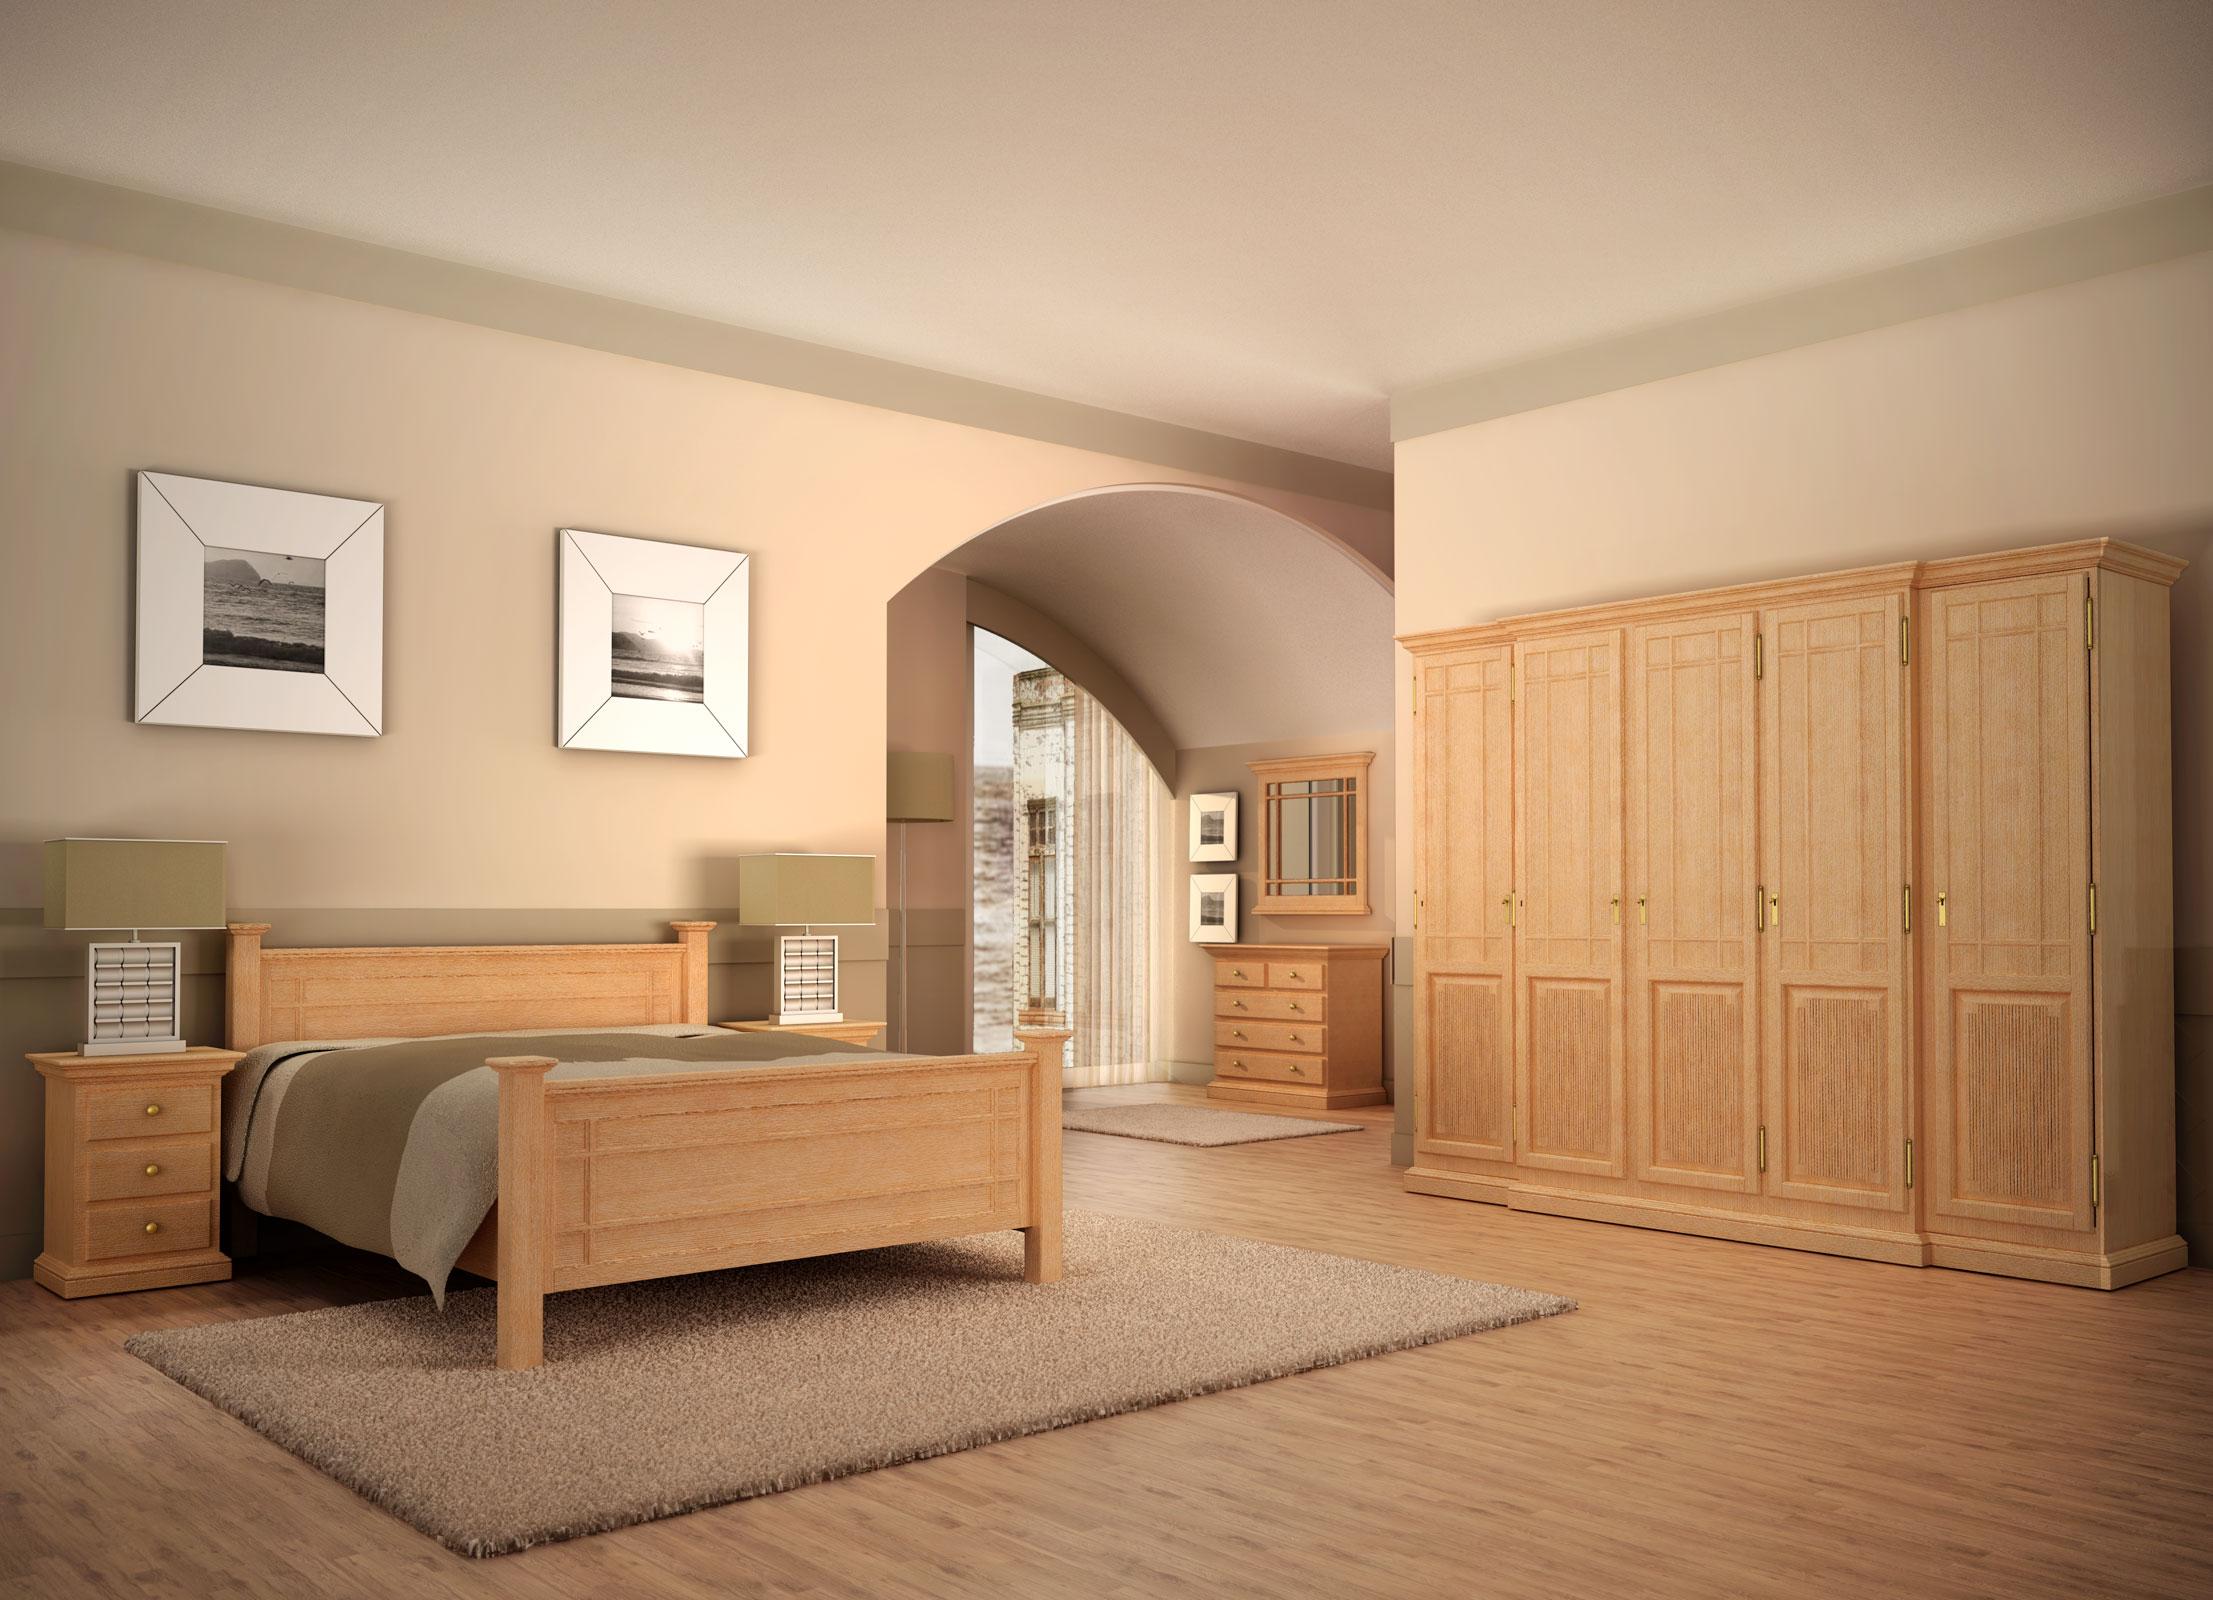 Full Size of Schlafzimmer Komplett Massivholz Set Duett Doppelbett Kleiderschrank Nachtkonsolen Komplettküche Betten Weiss Wandtattoo Badezimmer Günstig Weiß Schlafzimmer Schlafzimmer Komplett Massivholz